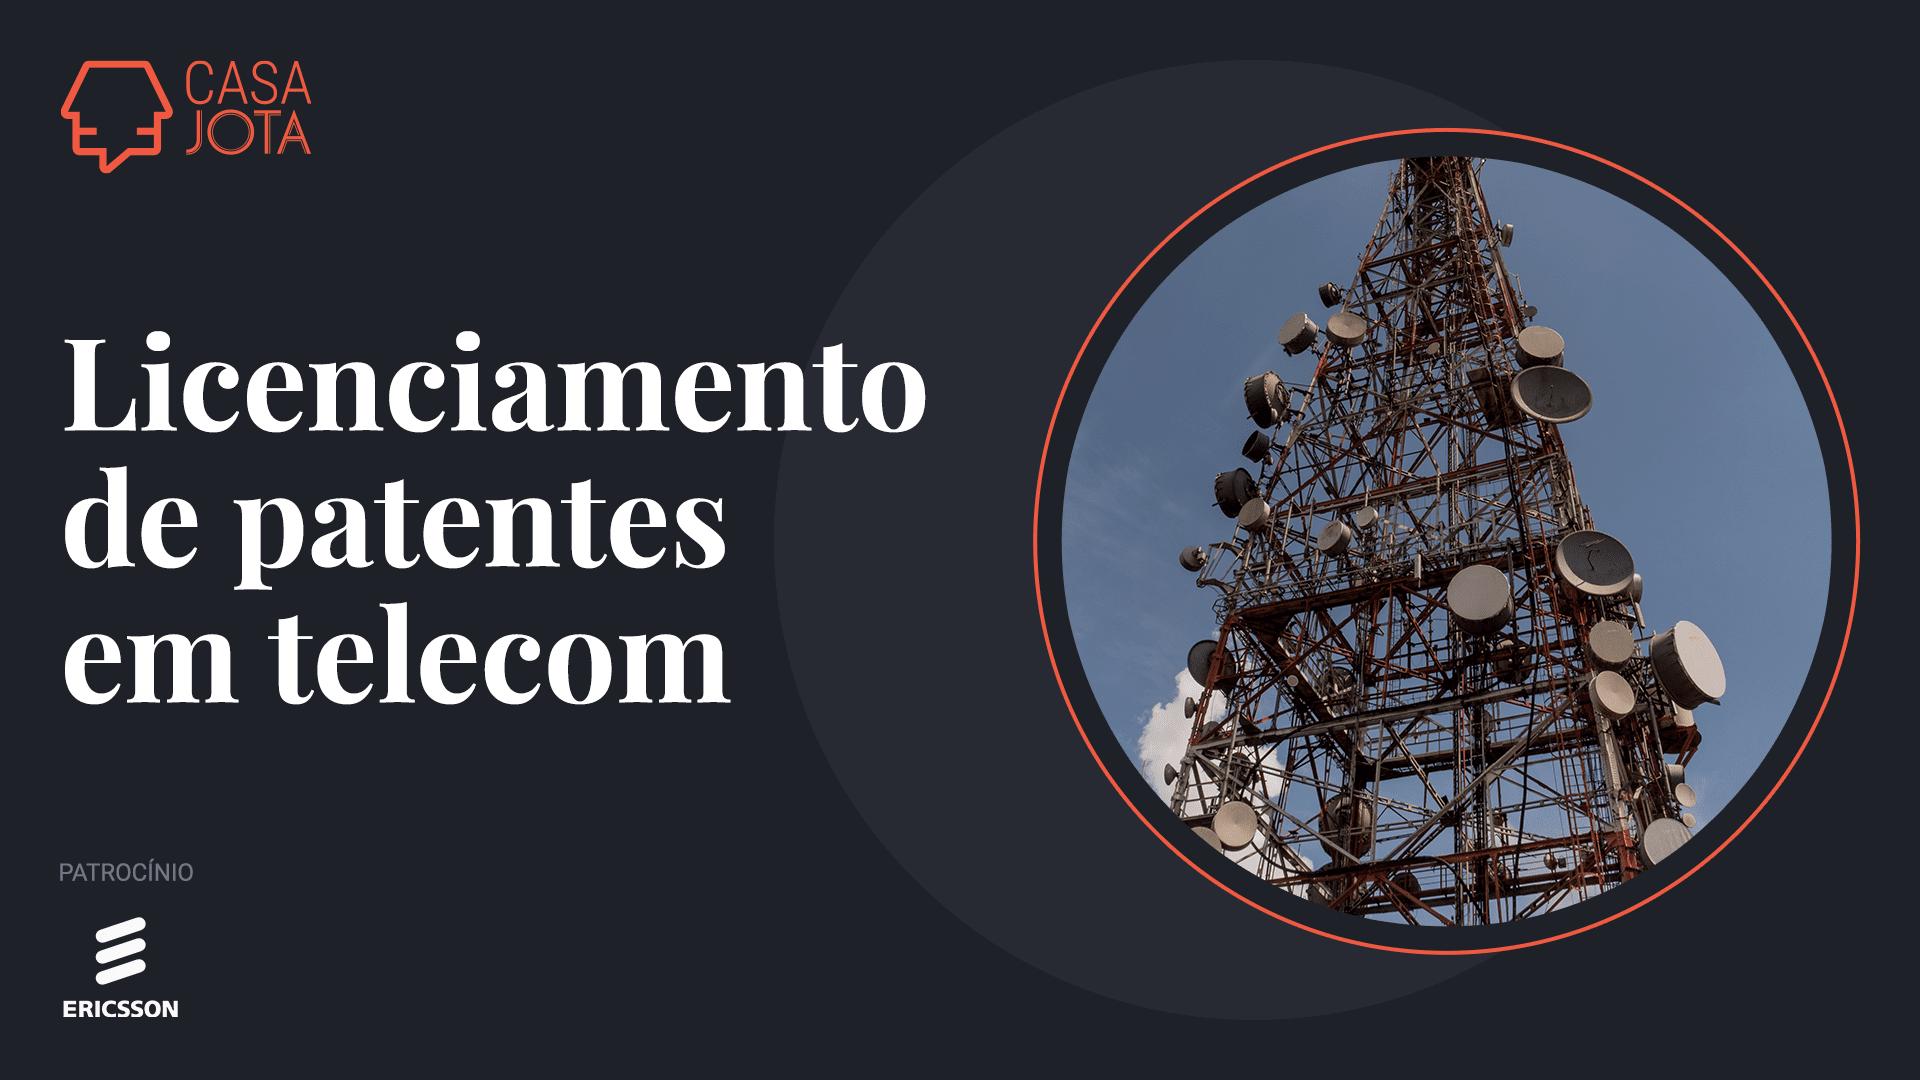 Licenciamento de patentes essenciais em telecom